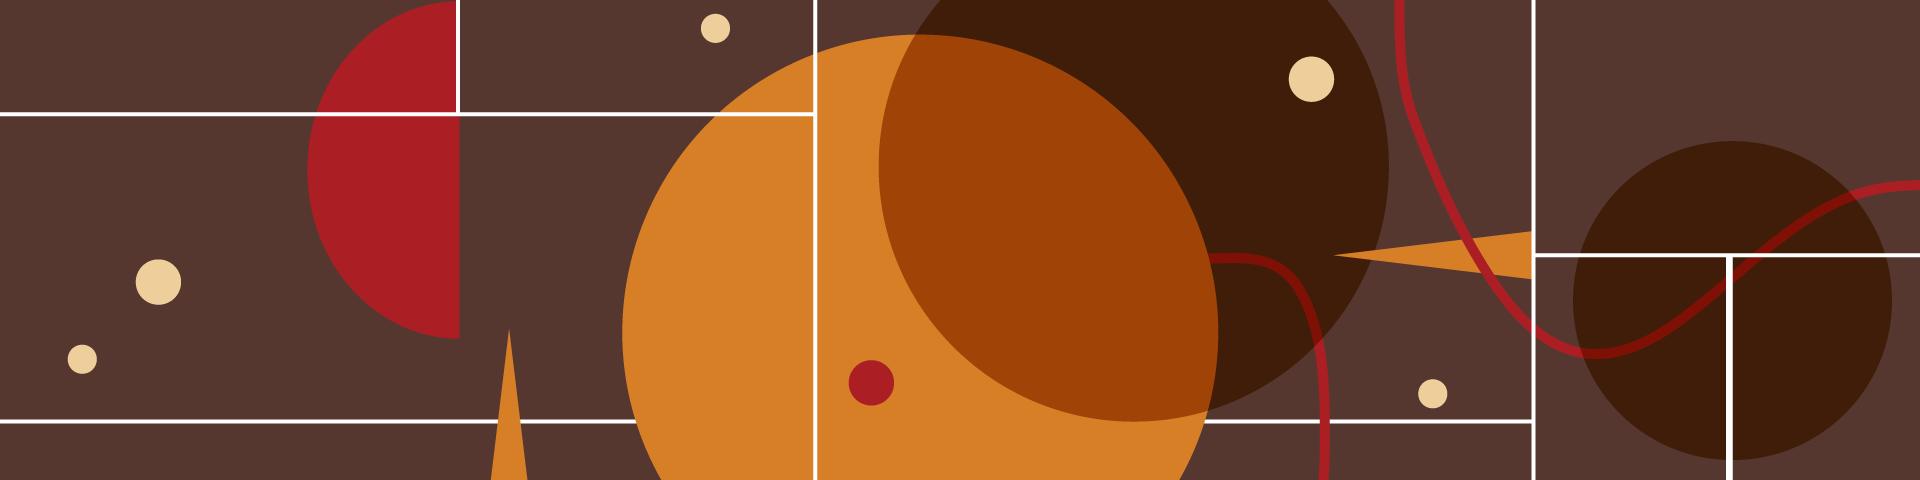 Εικαστικό με γεωμετρικά σχήματα για τη συναυλία Jazz Baroque στο πλαίσιο της σειράς Jazz Chronicles του ΚΠΙΣΝ